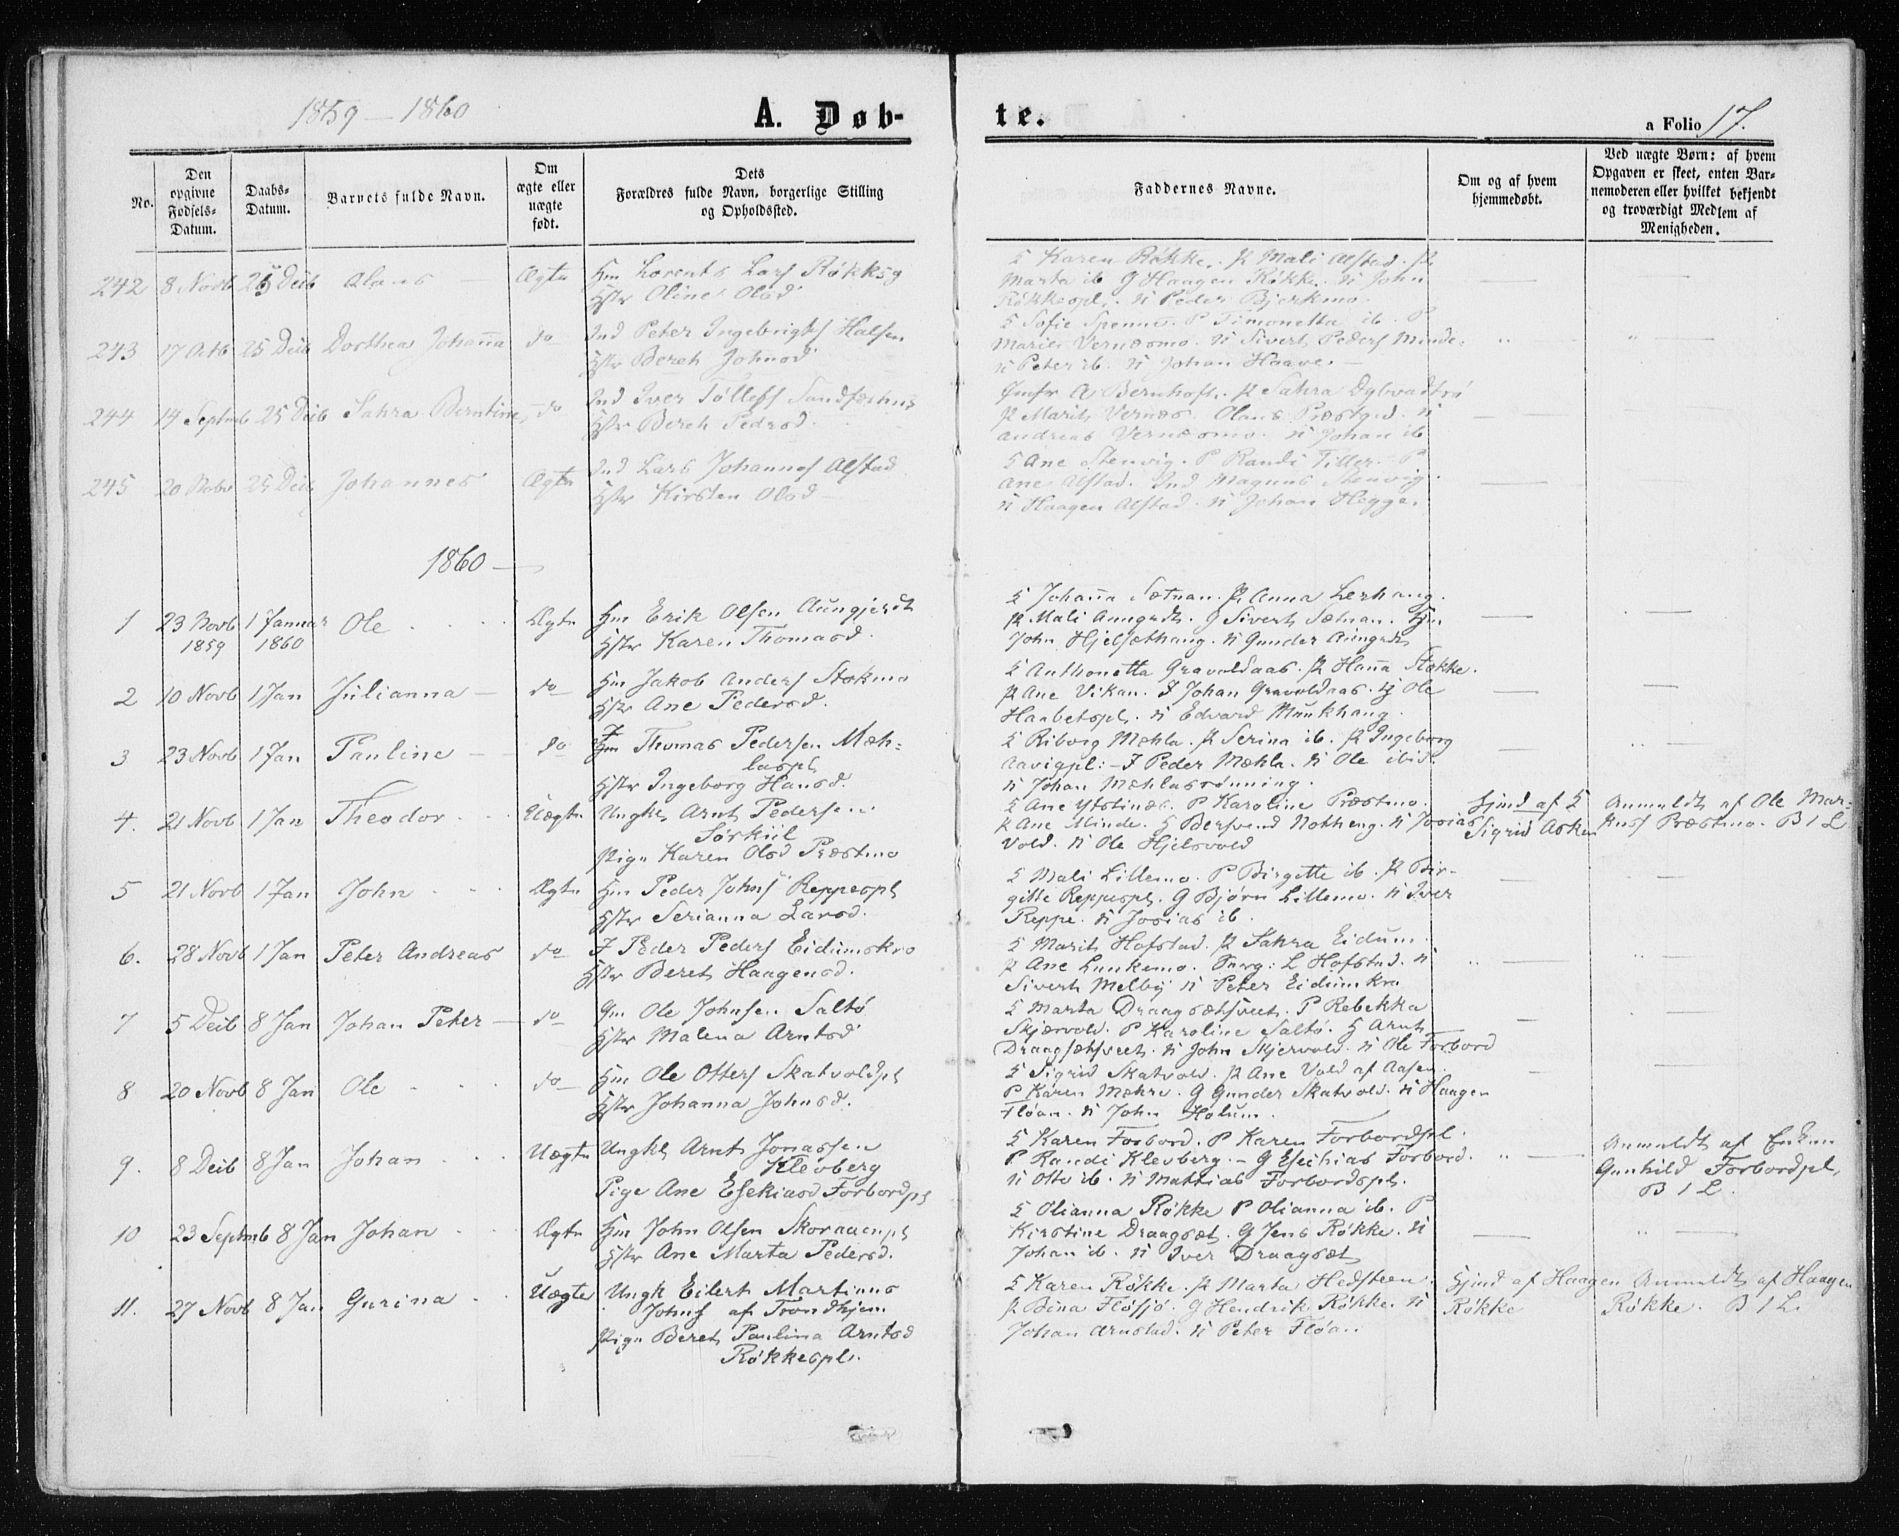 SAT, Ministerialprotokoller, klokkerbøker og fødselsregistre - Nord-Trøndelag, 709/L0075: Ministerialbok nr. 709A15, 1859-1870, s. 17